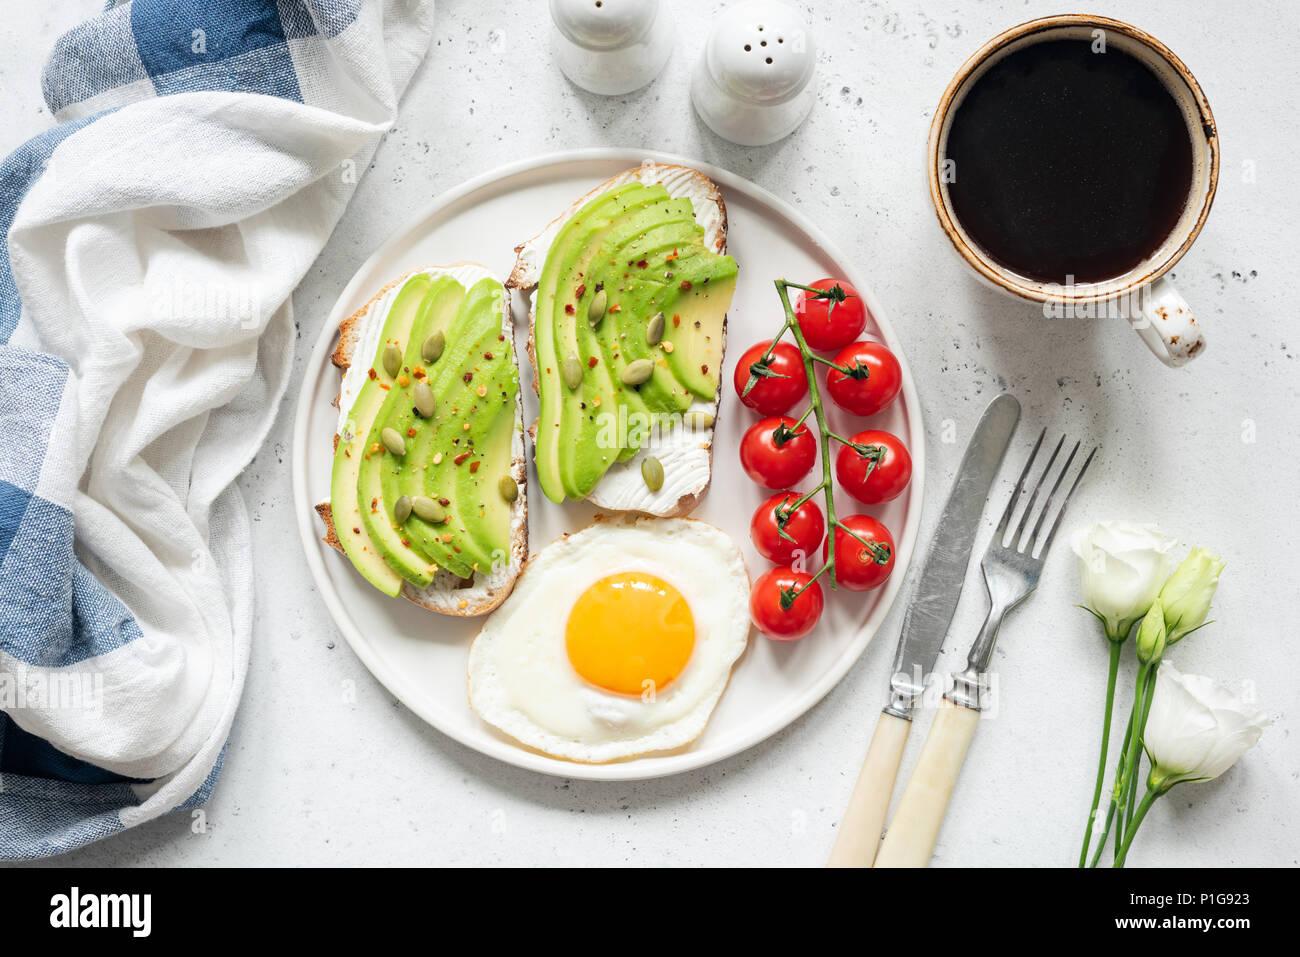 Le petit-déjeuner avec du pain grillé à l'avocat d'œufs frits, tomates cerises, tasse de café et de fleurs blanches. Petit déjeuner au lit. Mode de vie sain, une alimentation saine notion Photo Stock